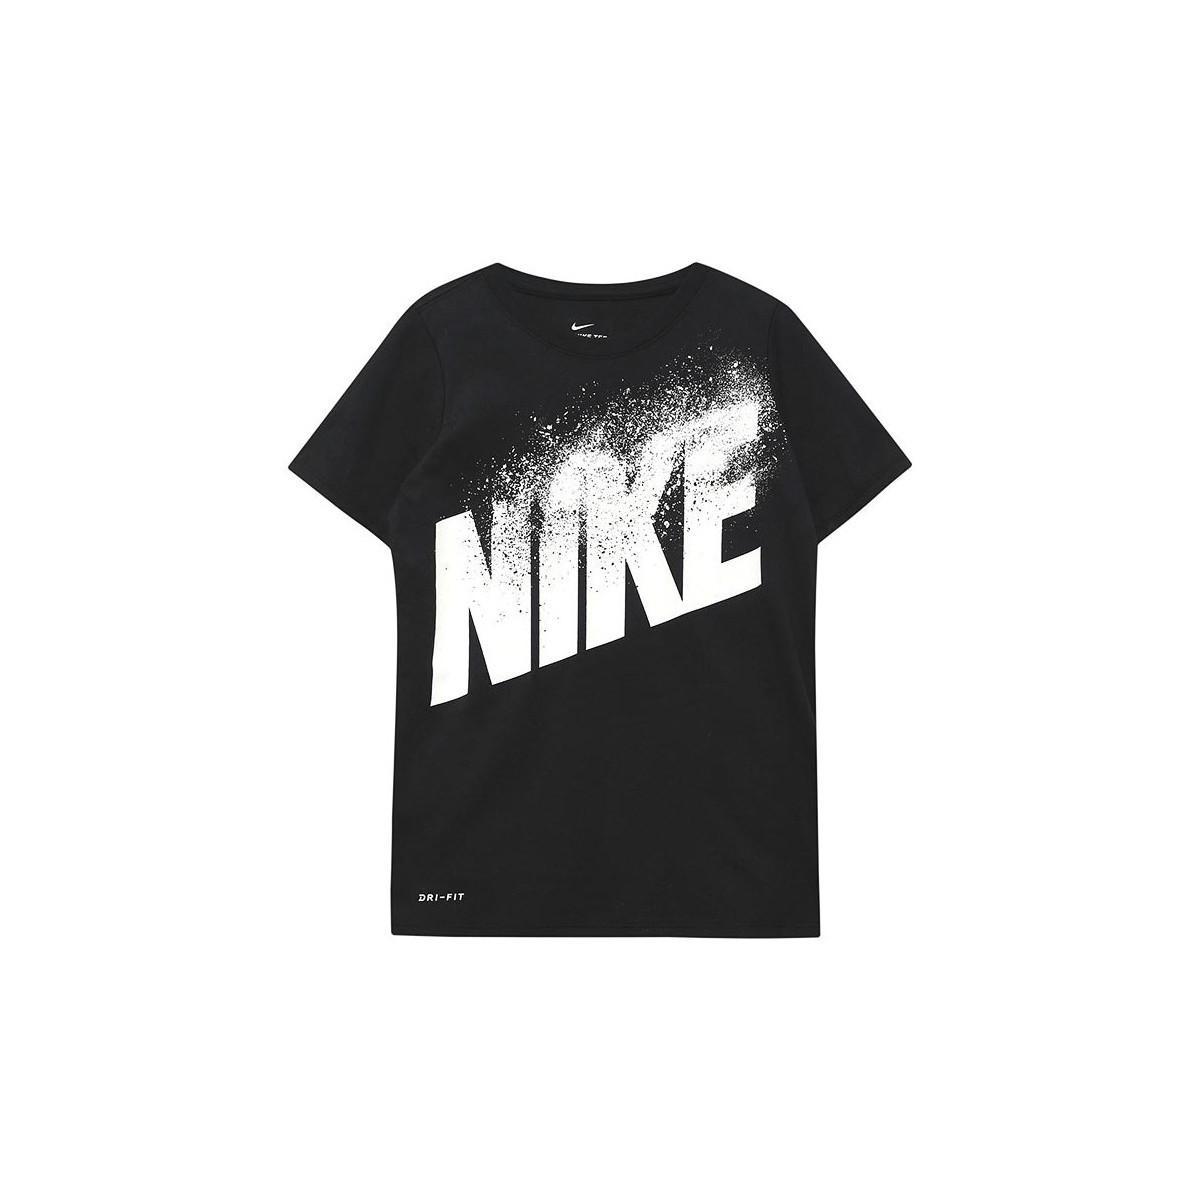 e71aa2d8154 Nike B Nk Dry Tee Dissolve Blk Men s T Shirt In Black in Black for ...